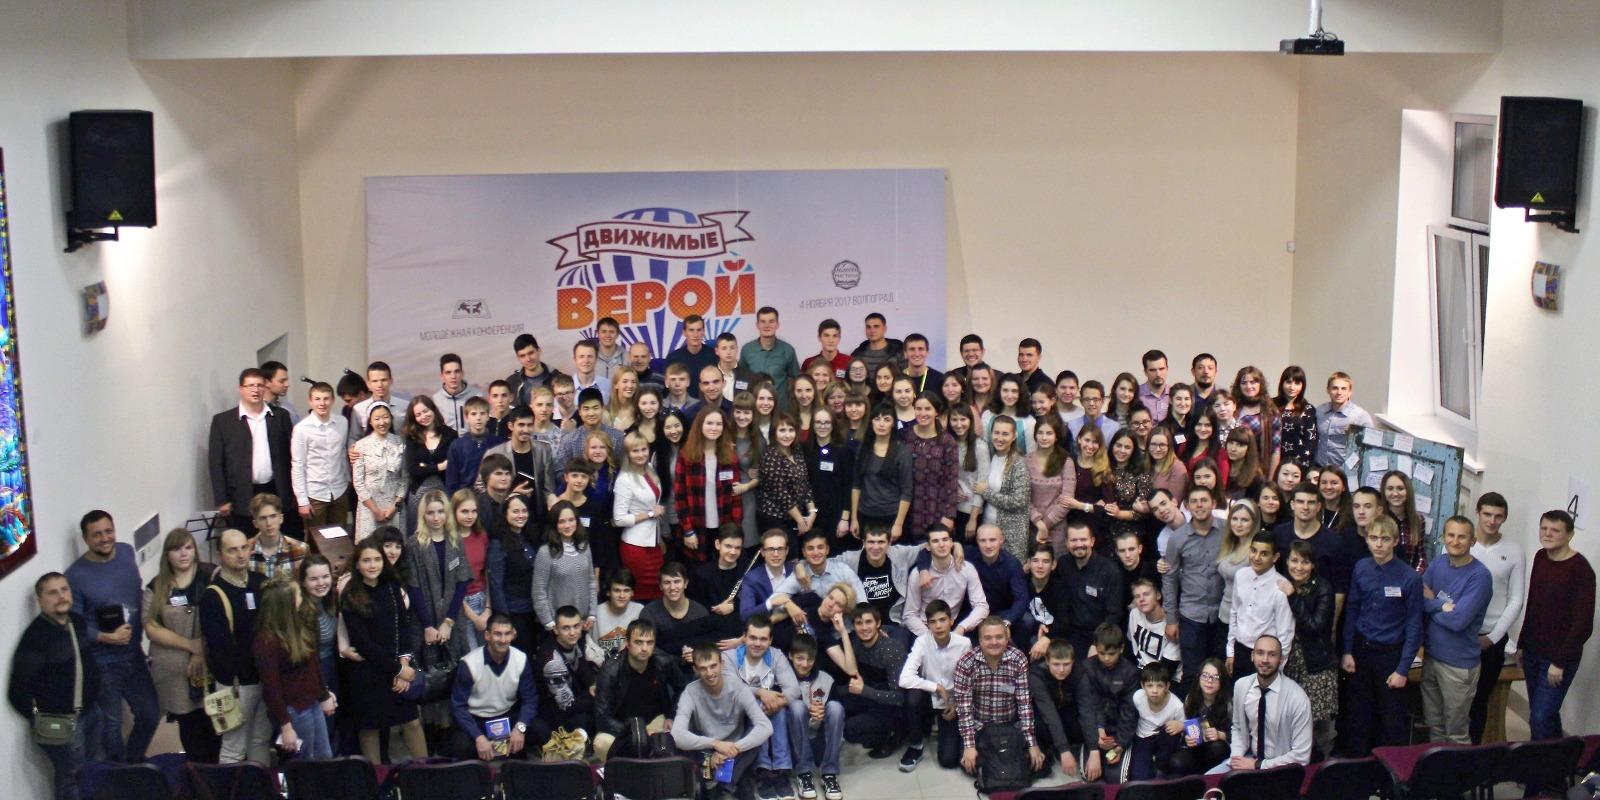 Участники молодёжной конференции в Волгограде